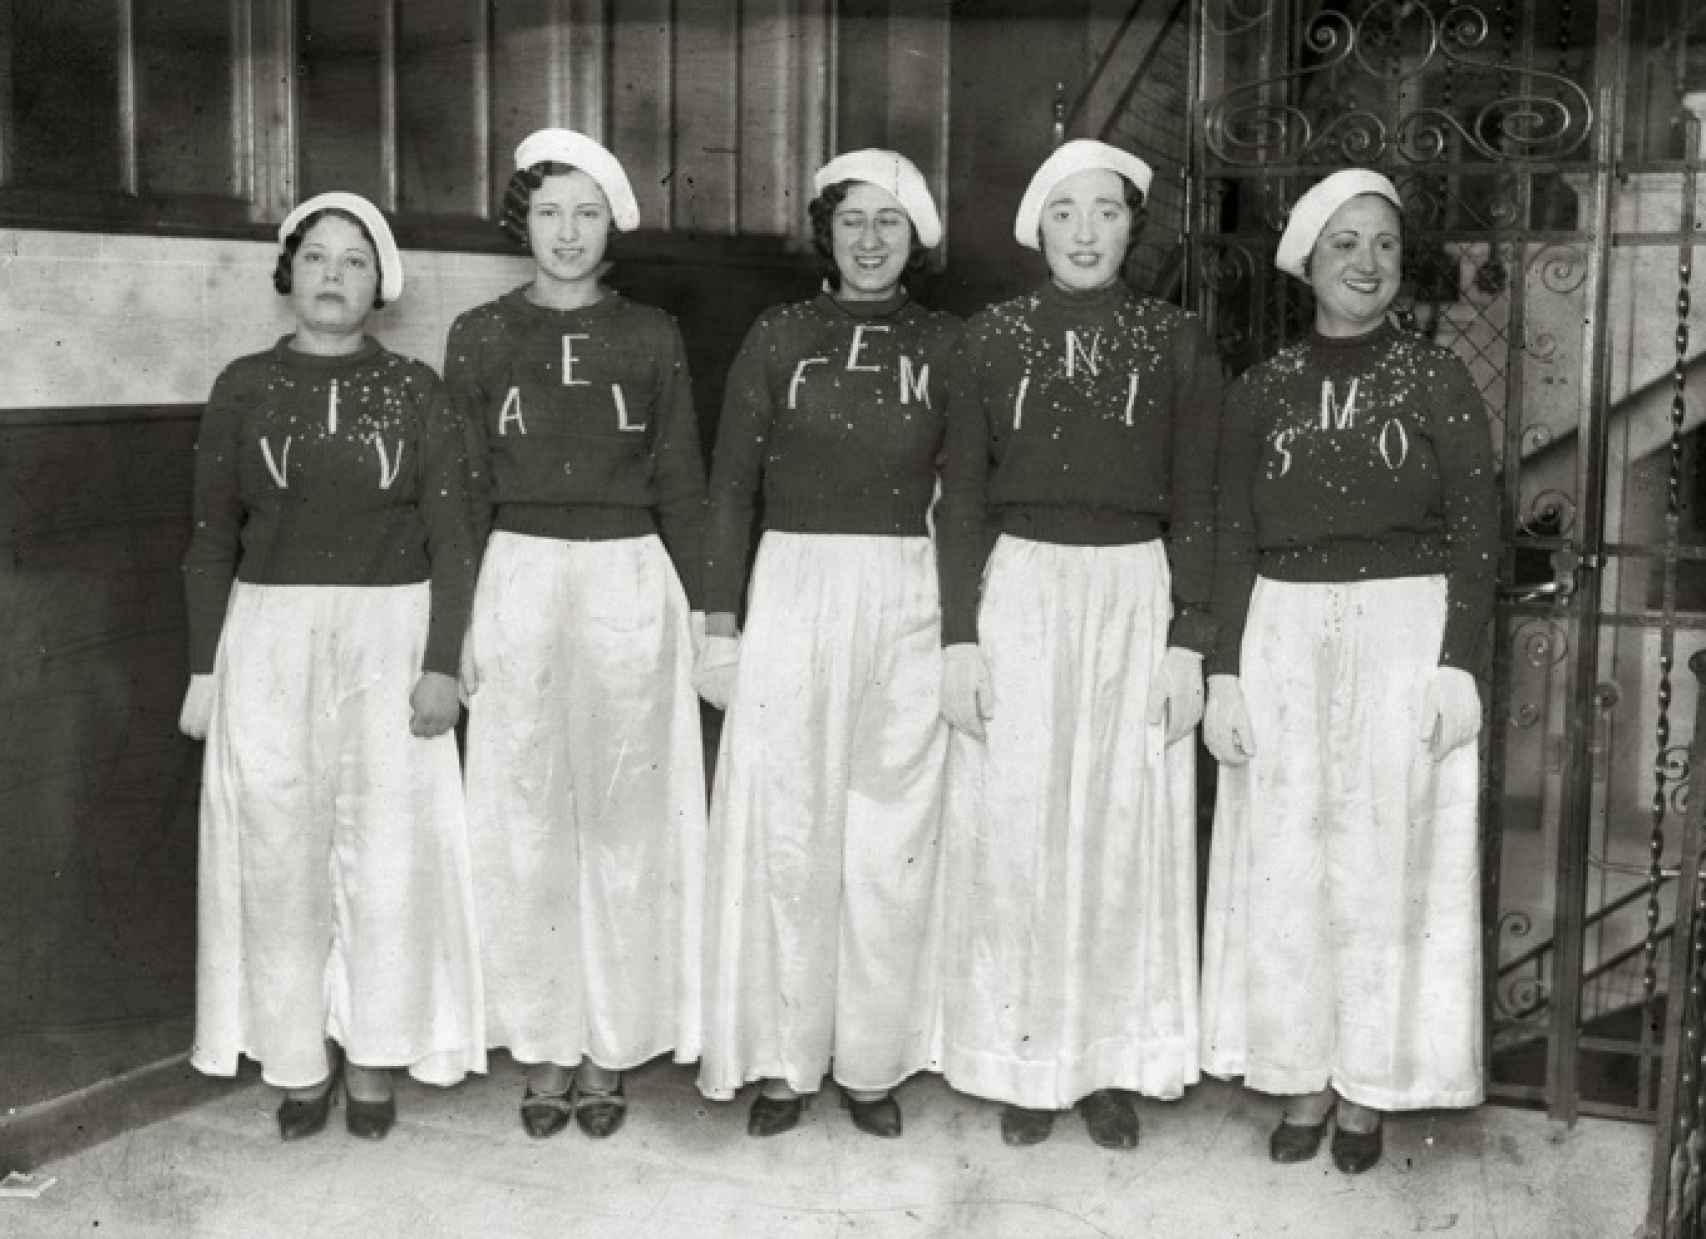 Pioneras feministas reivindicando su condición, en 1932.